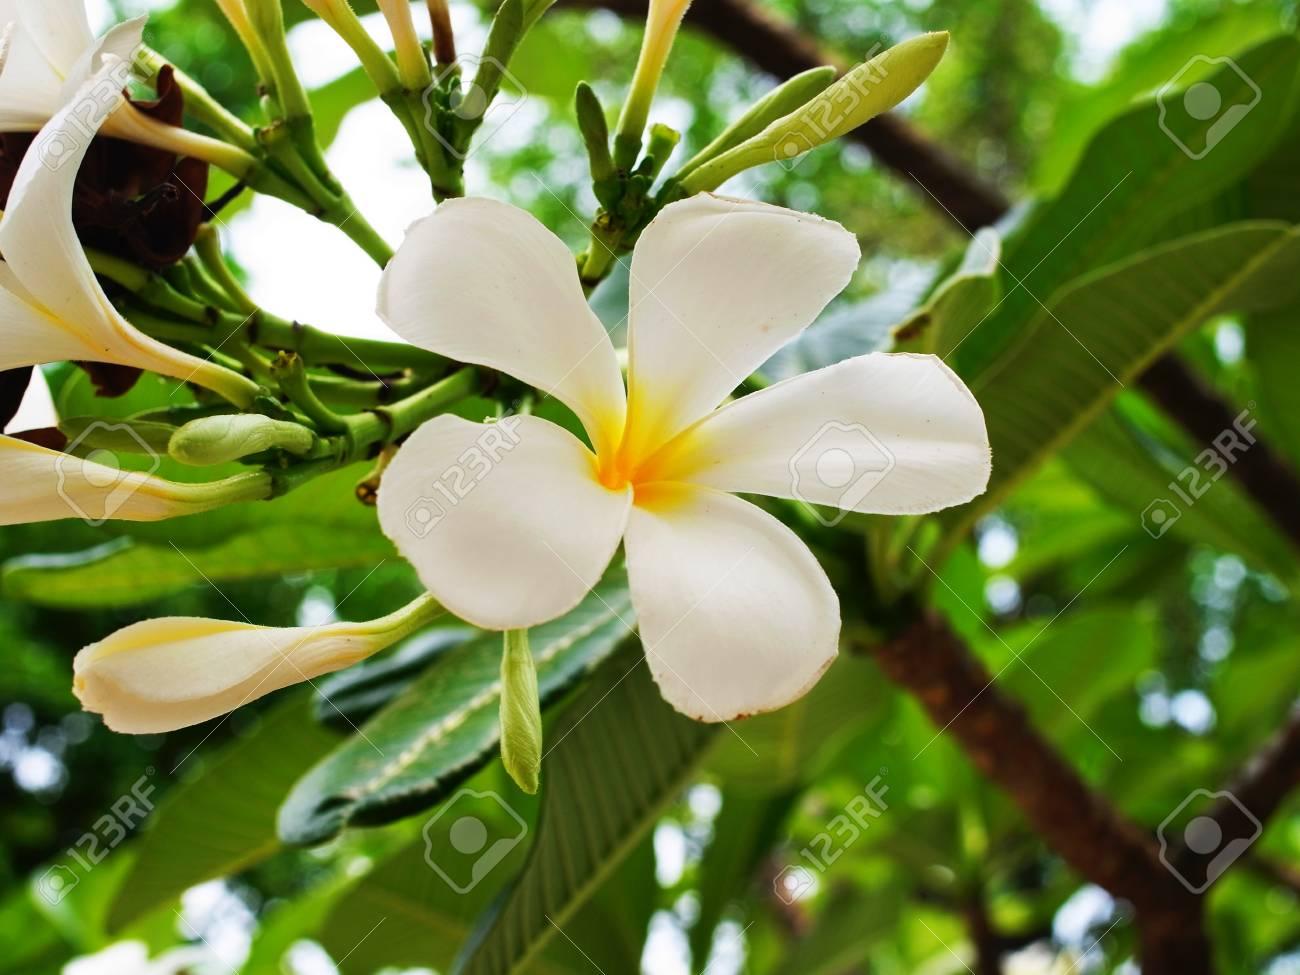 Los Arboles Tropicales Con Hermosas Flores Blancas Elegantes Fotos